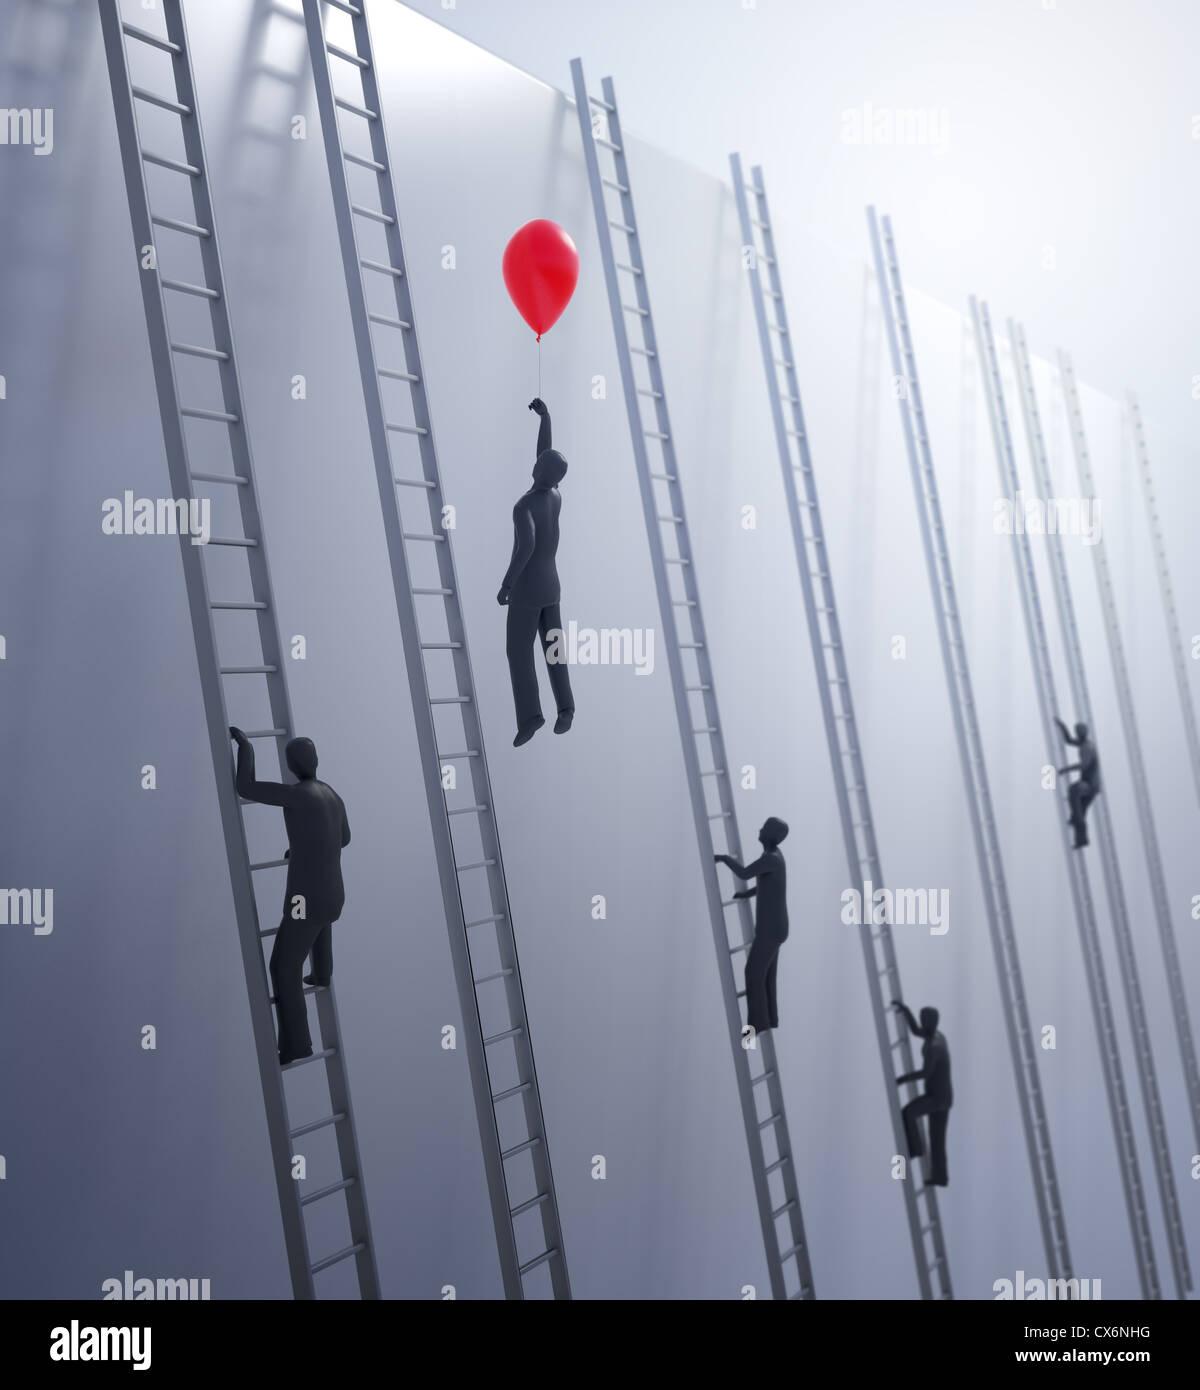 Tiny astratti persone salire le scale - Innovazione e vantaggio nel concetto di business Immagini Stock